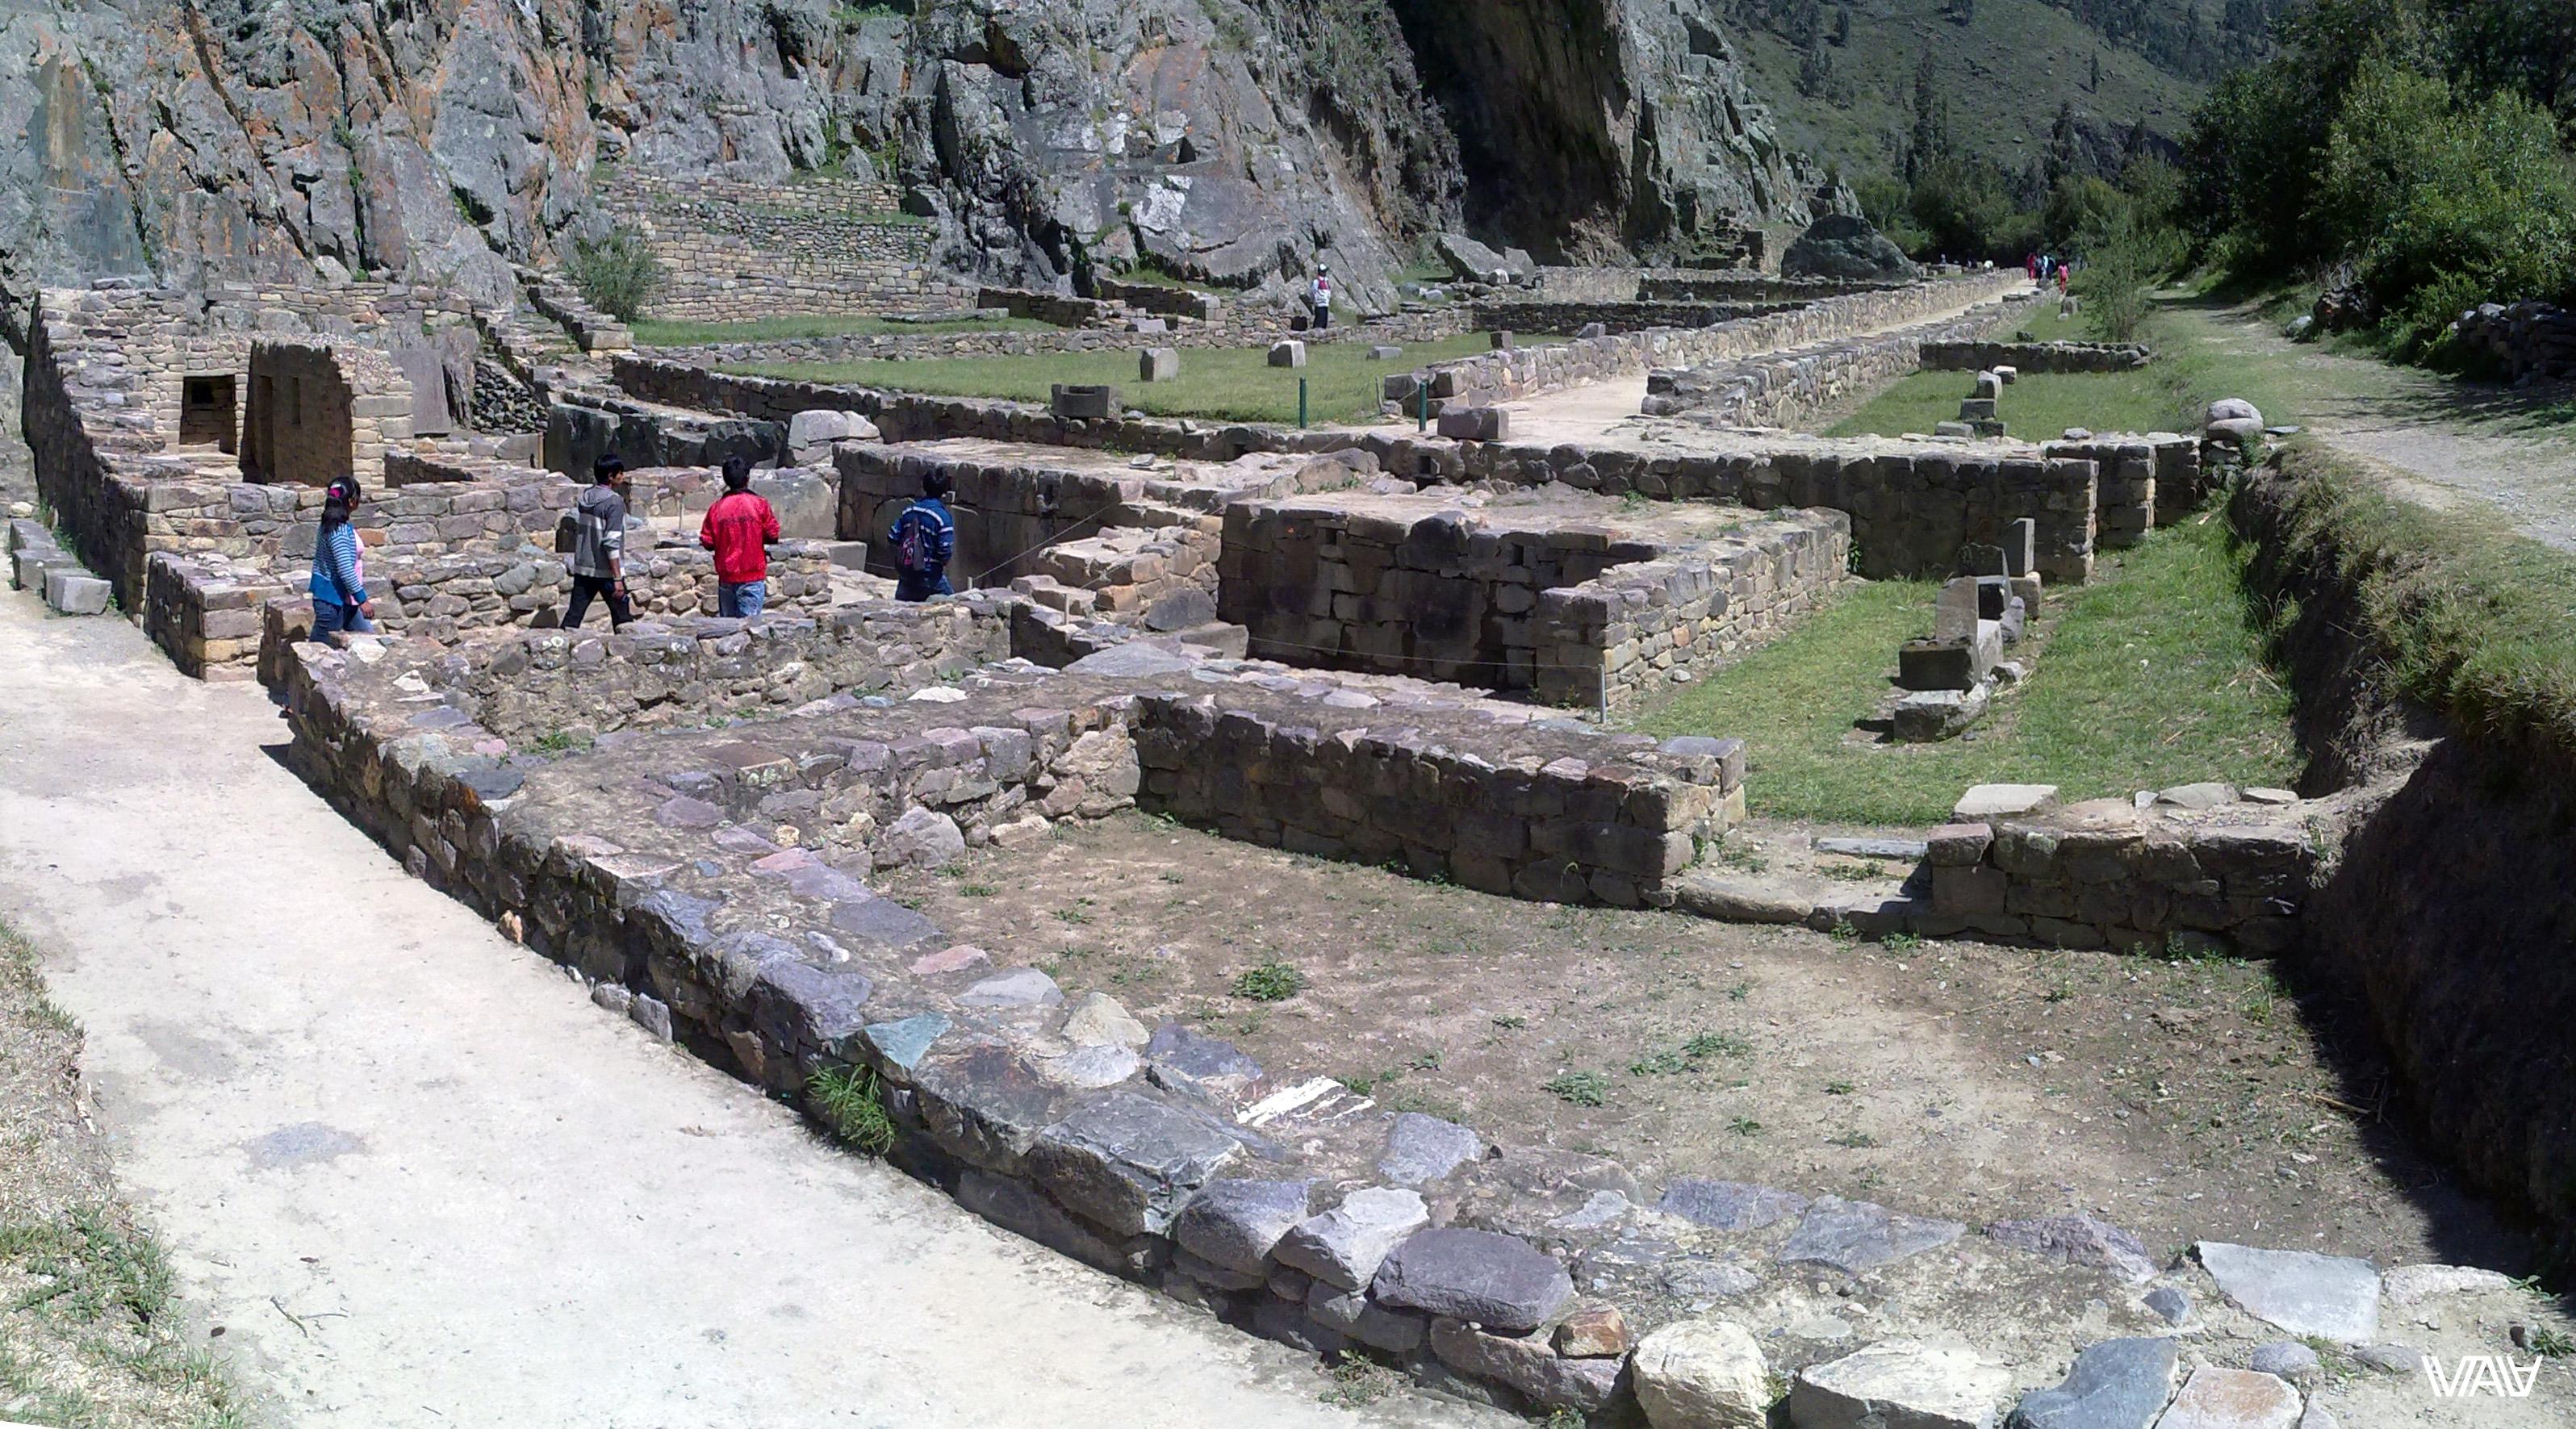 От древнего города инков остался только лабиринт фундаментов. Однако невероятно притягательный. Ойантайтамбо, Перу